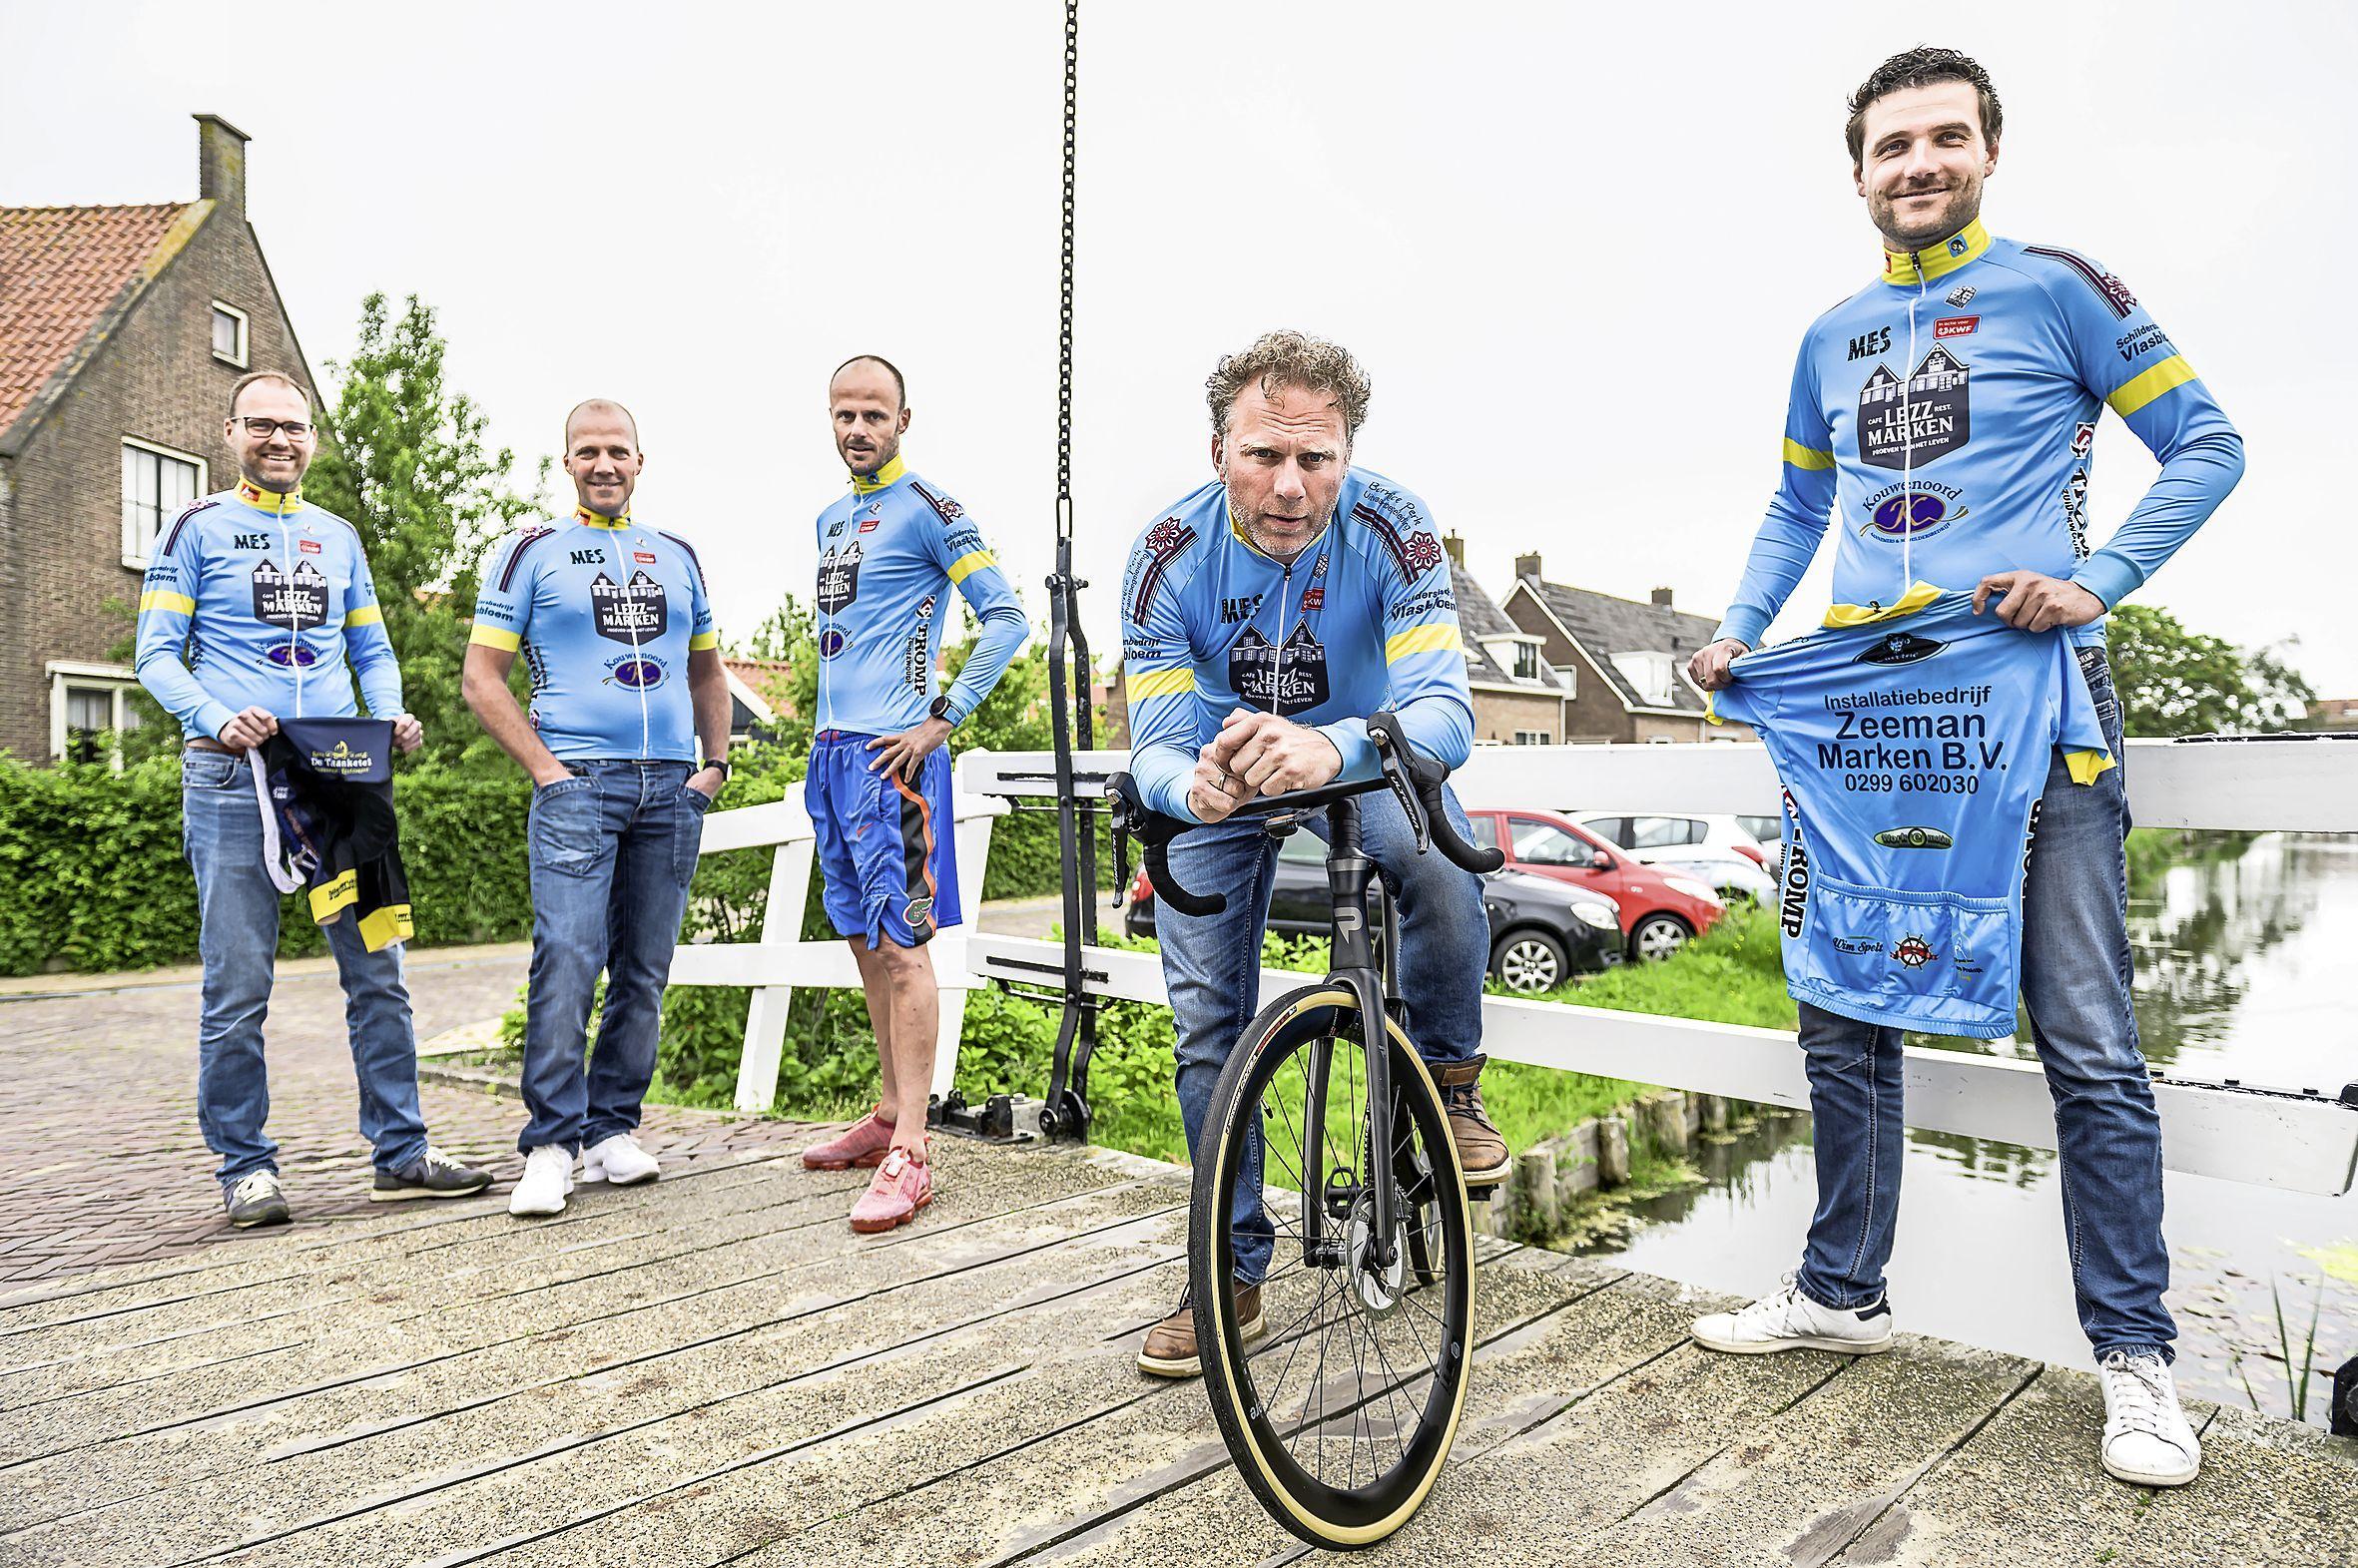 Monstertocht in Marker kleuren: 325 kilometer op de racefiets voor het goede doel